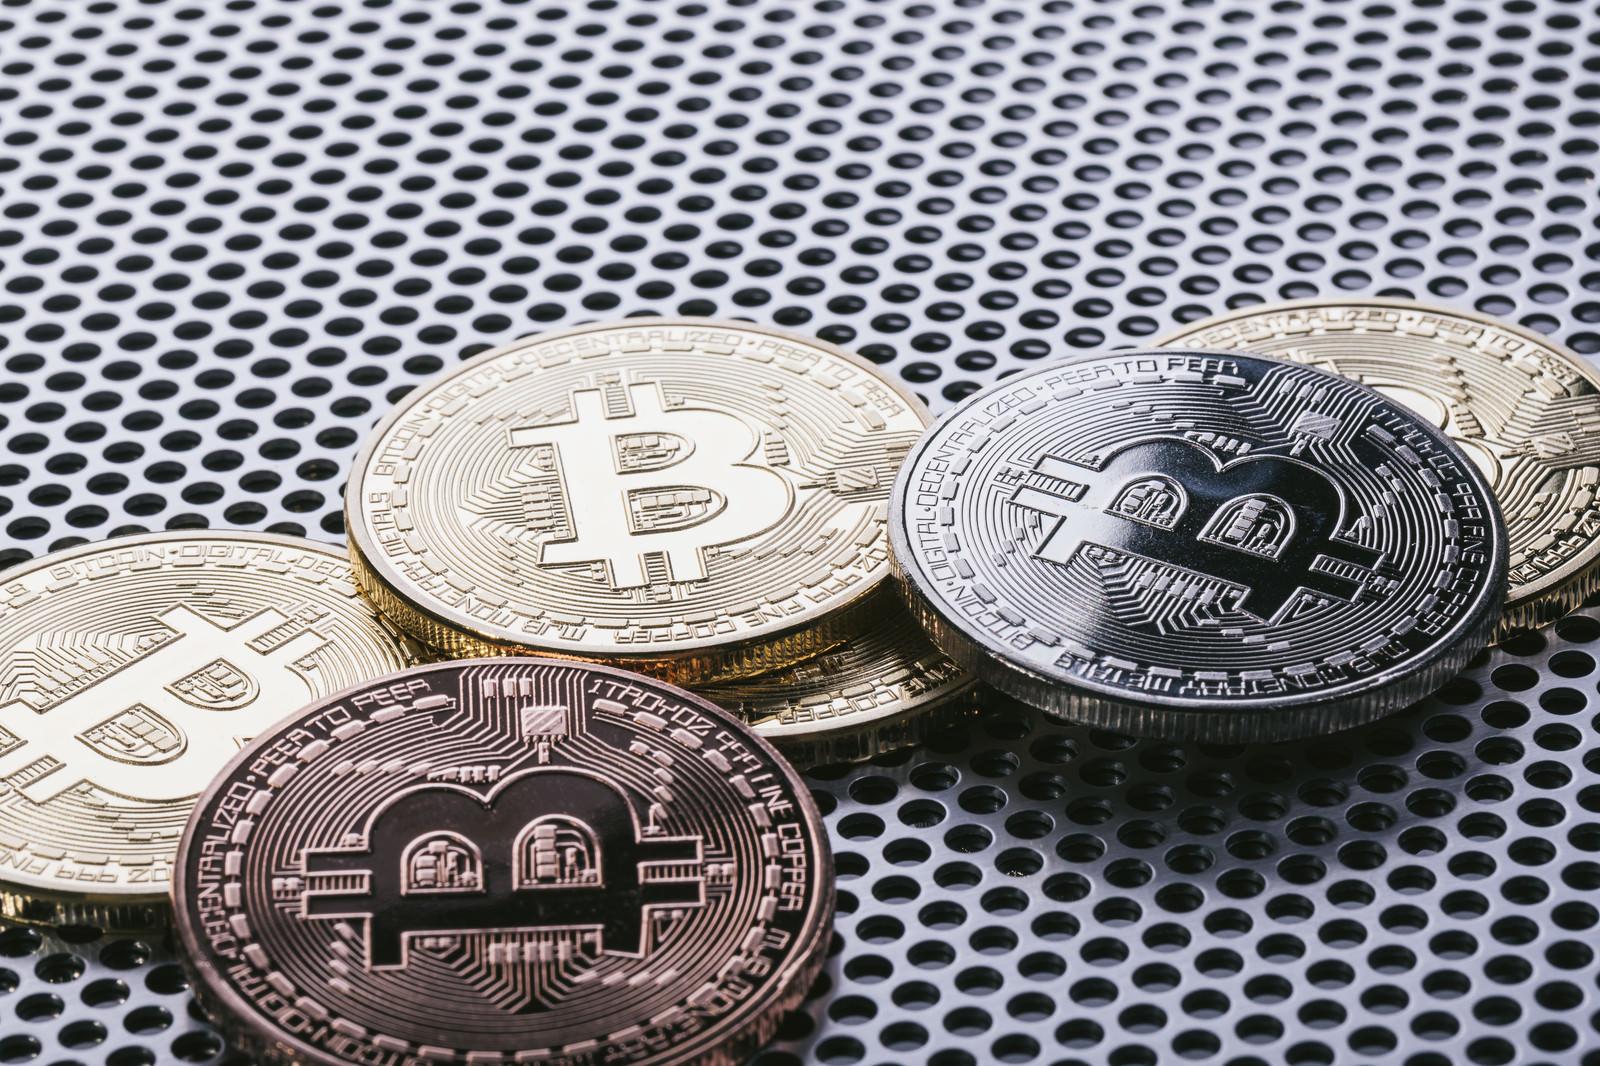 「ビットコインは発行総量が2041年に2100万と上限が定められている」の写真